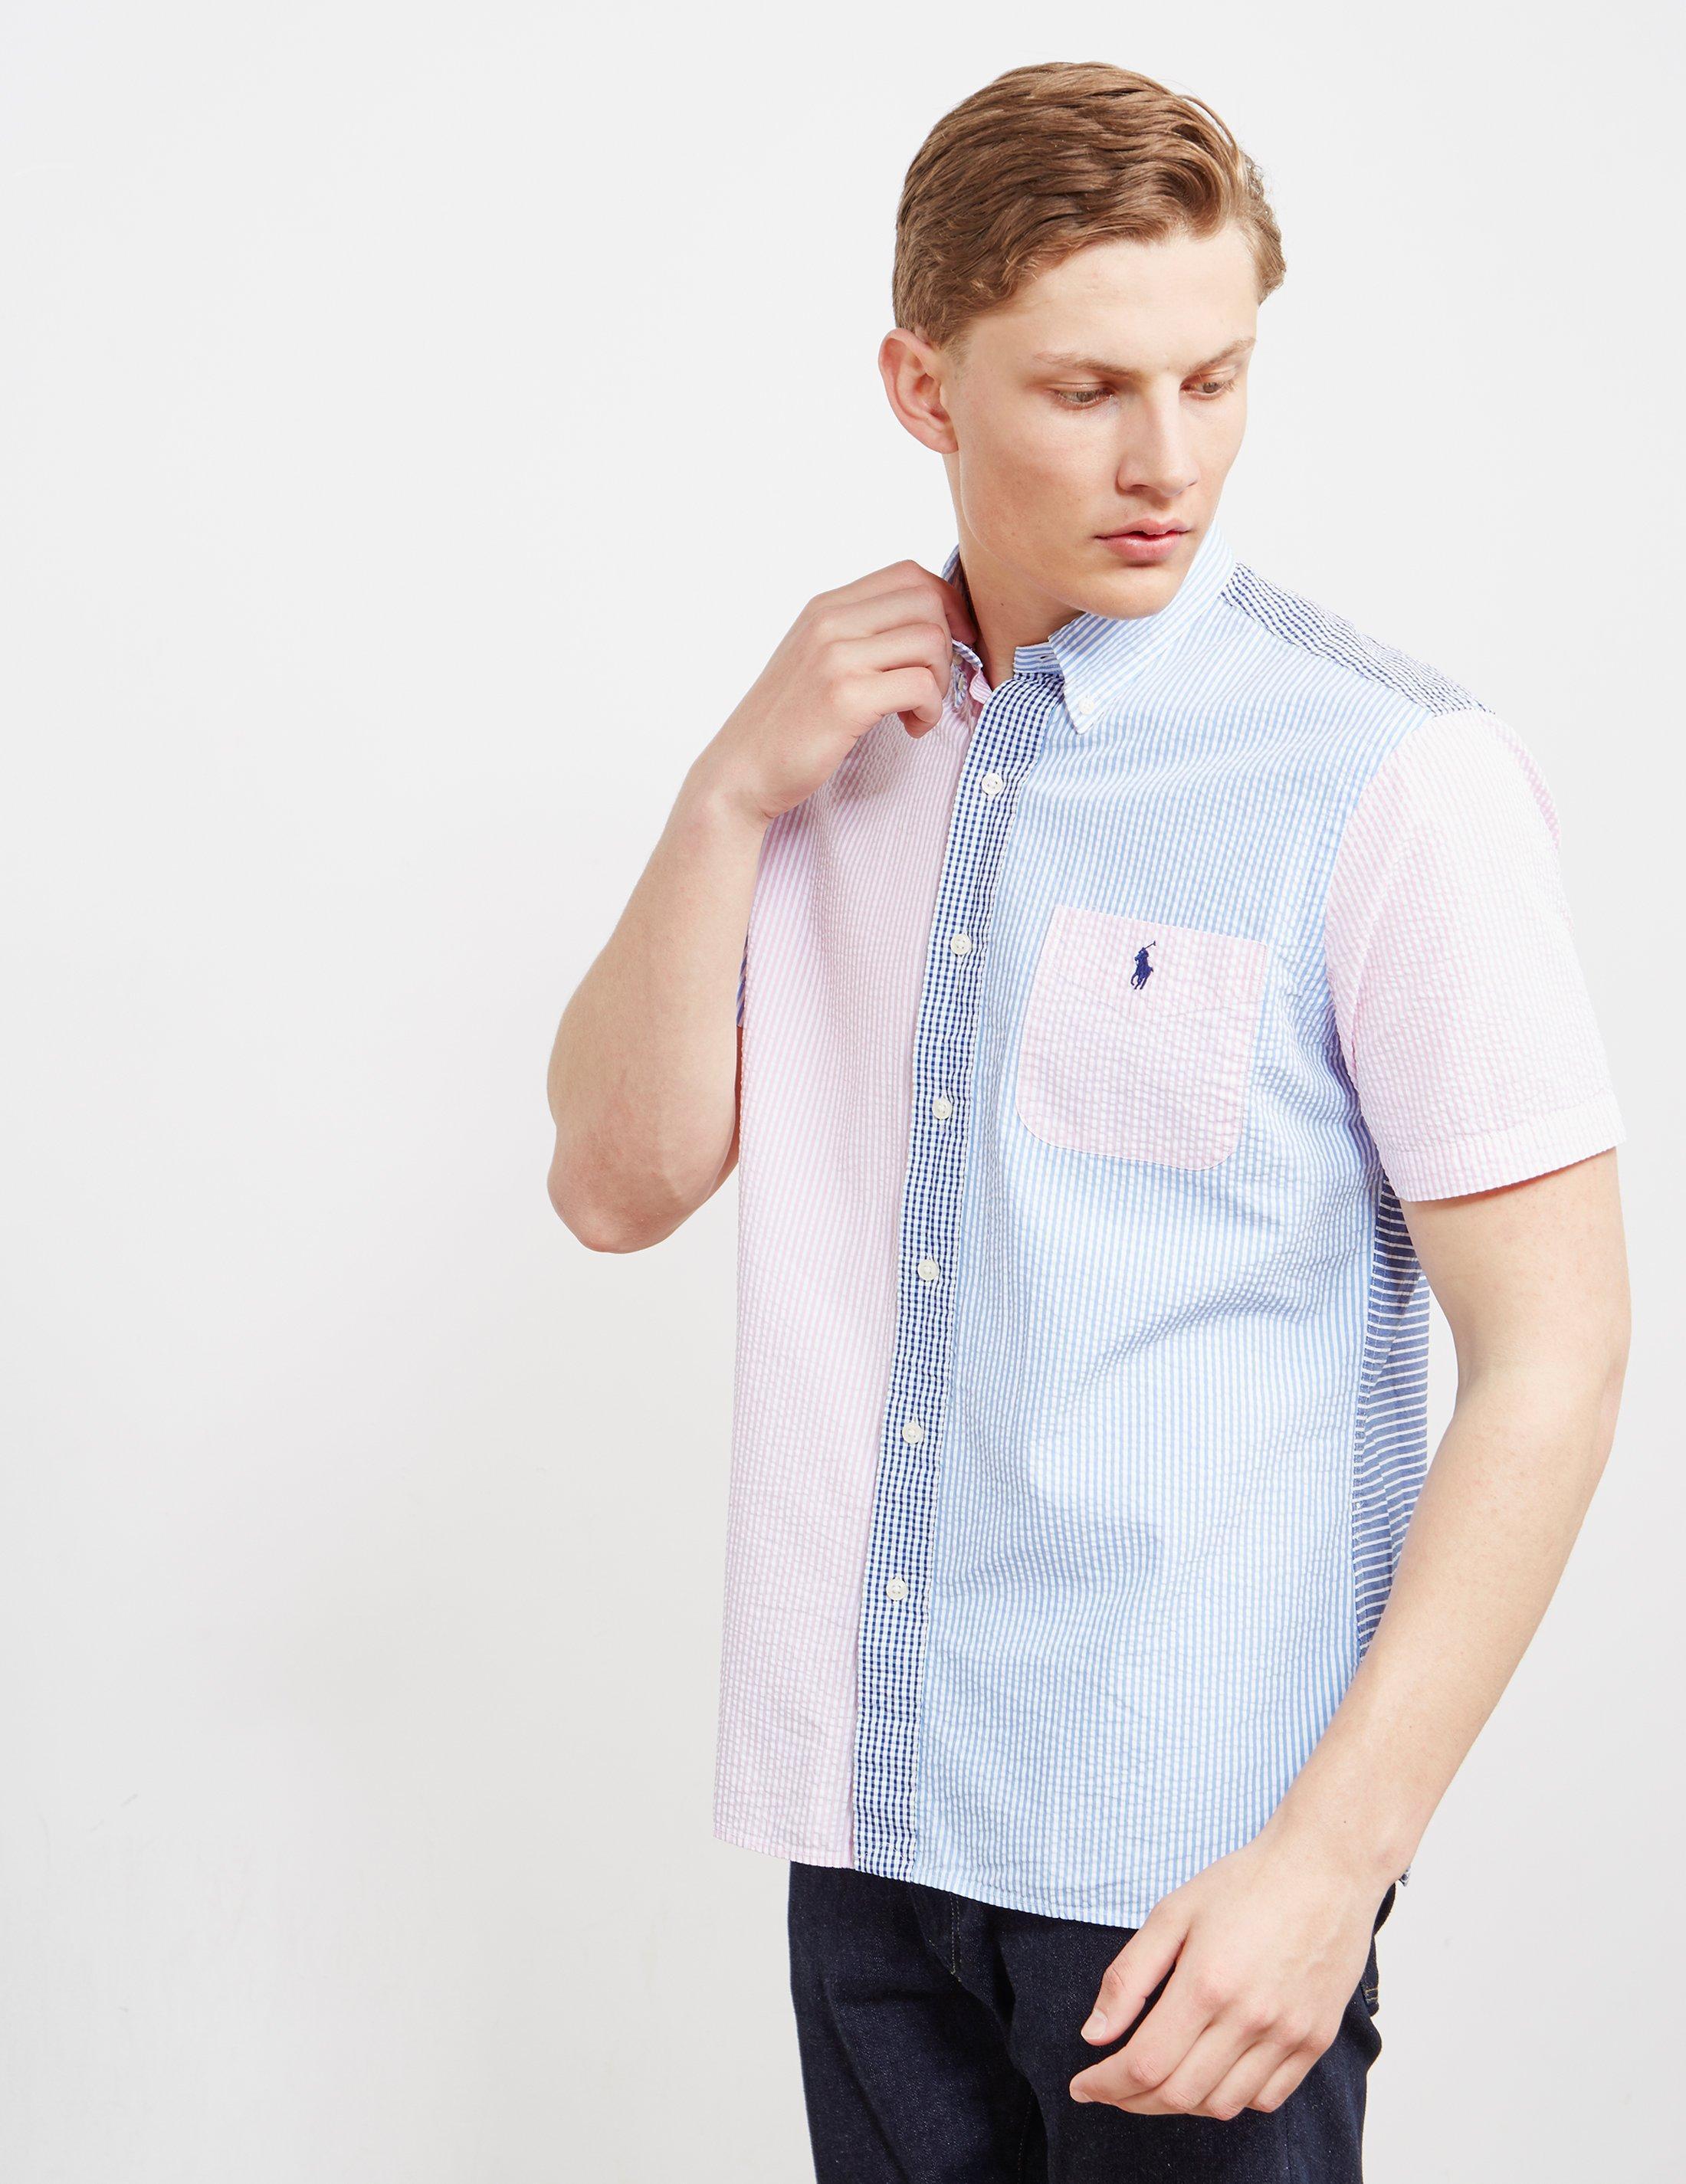 Lyst Polo Ralph Lauren Mens Fun Short Sleeve T Shirt Pink In Pink